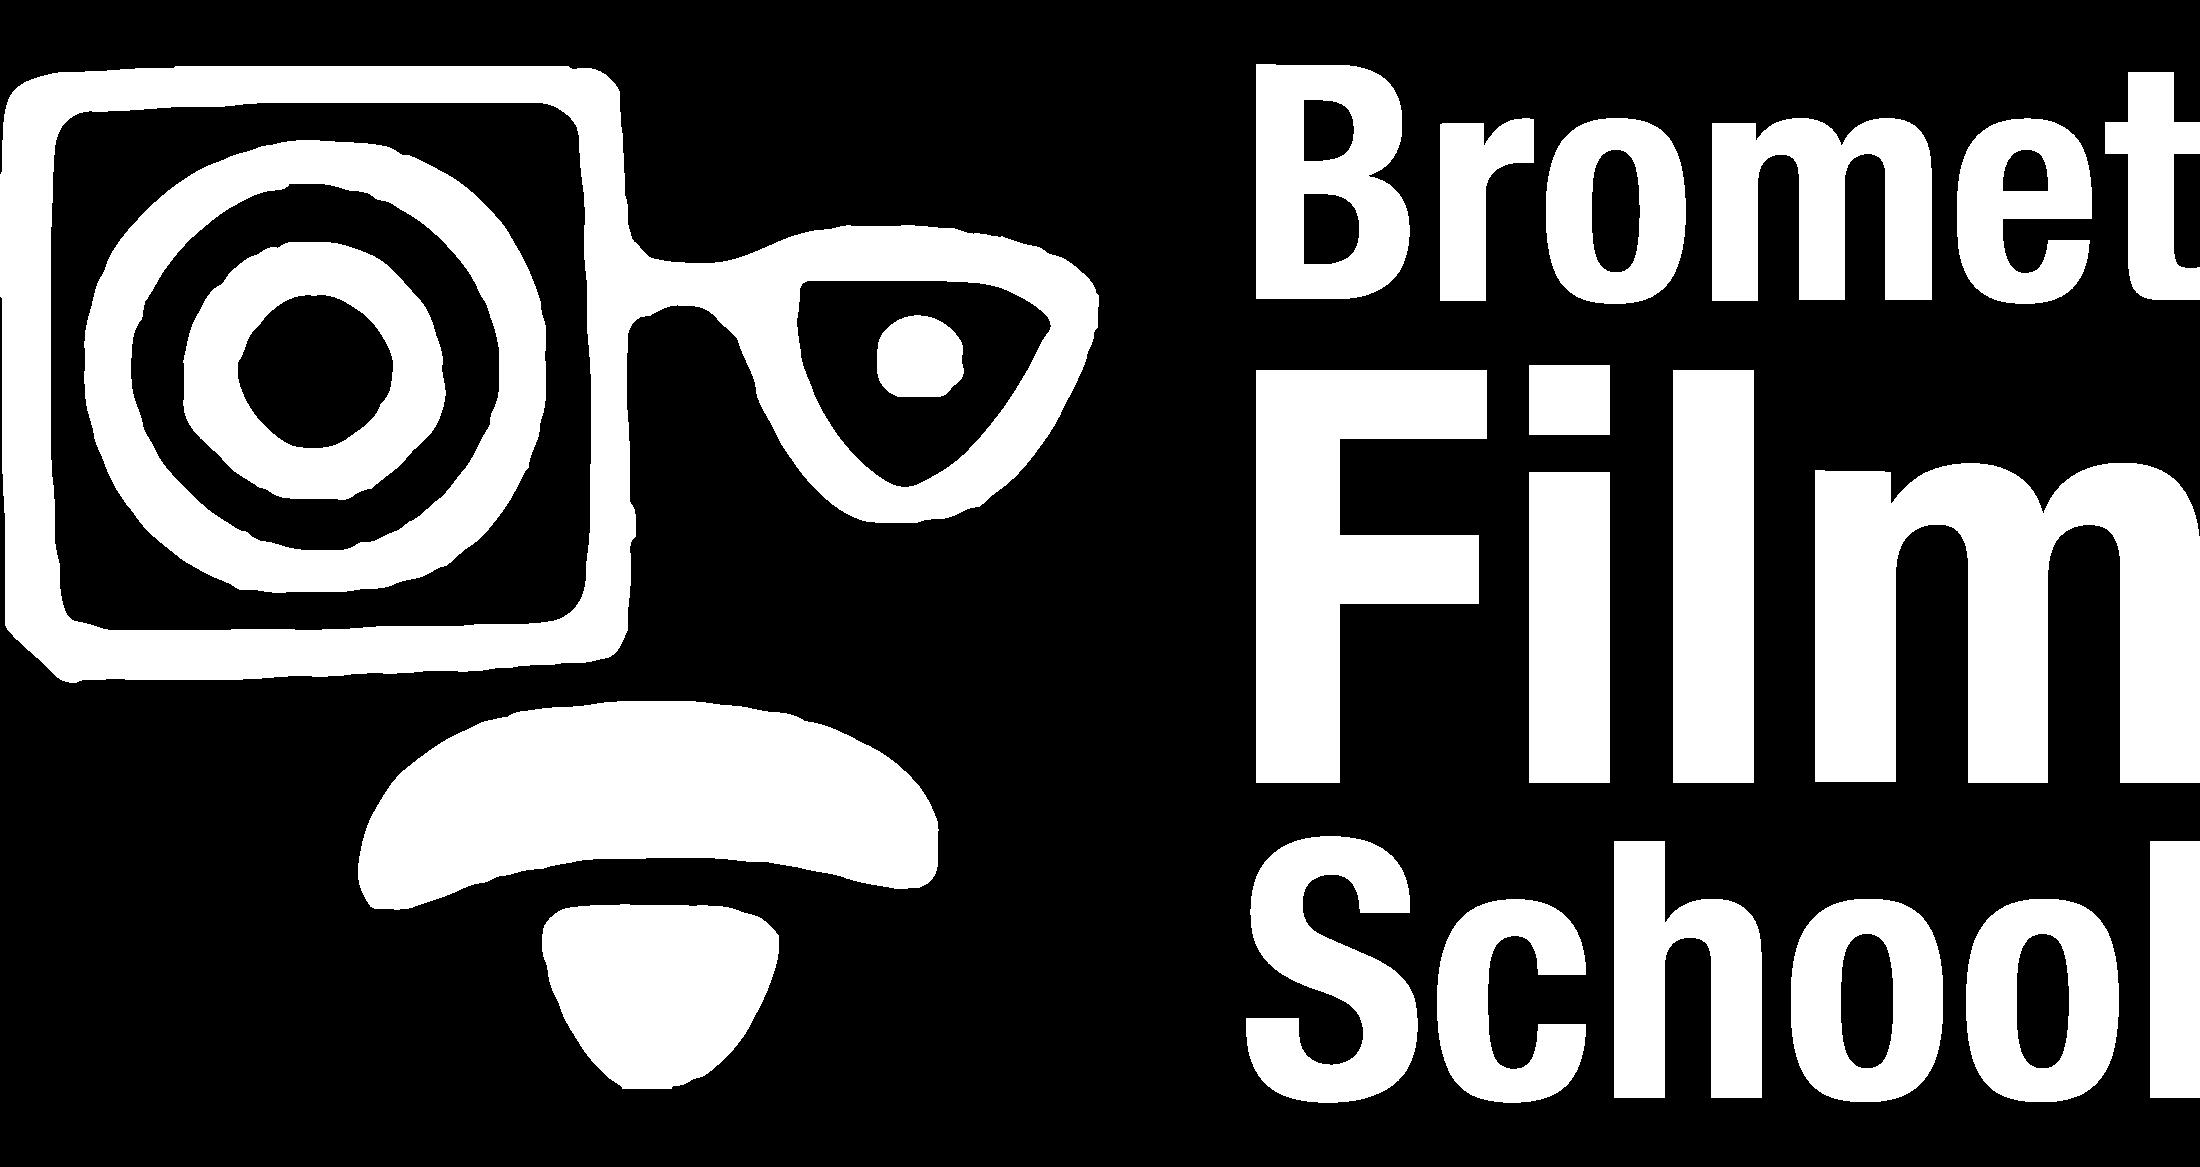 Logo Bromet Film School wit